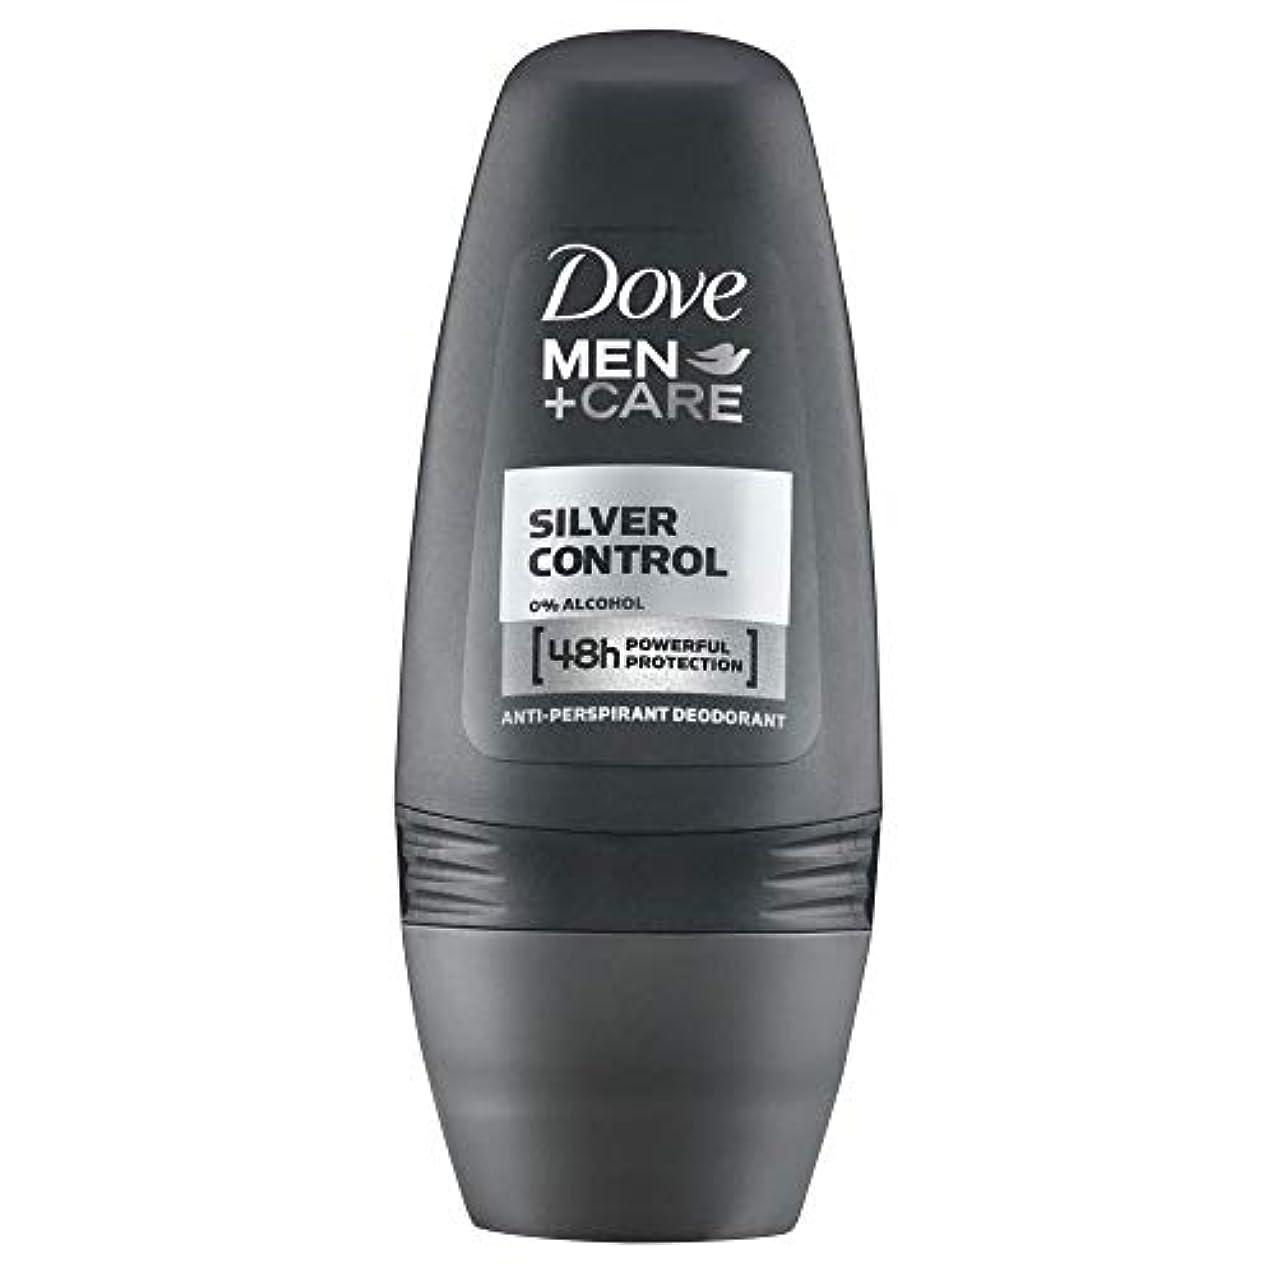 スパークサイバースペース傘[Dove ] 消臭にロール銀制御抗制汗ケア+鳩の男性(50ミリリットル) - Dove Men + Care Silver Control Anti Perspirant Roll-on Deodorant (50ml...